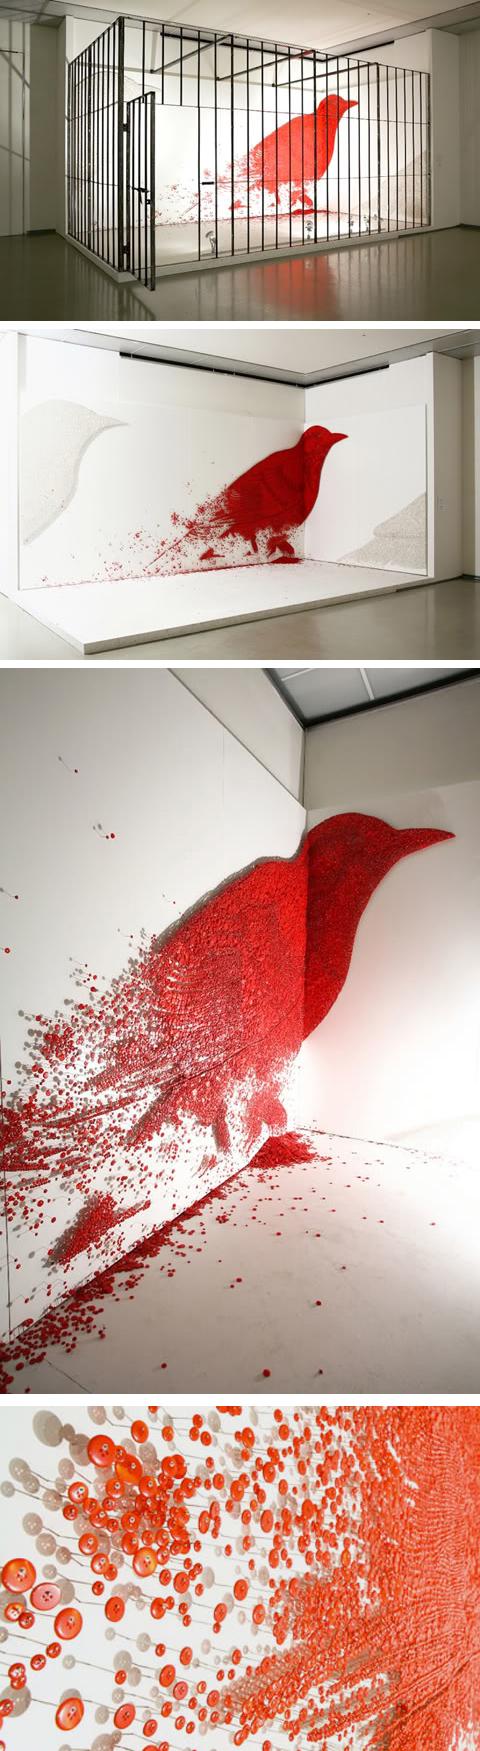 Инсталляция: красный ворон в клетке